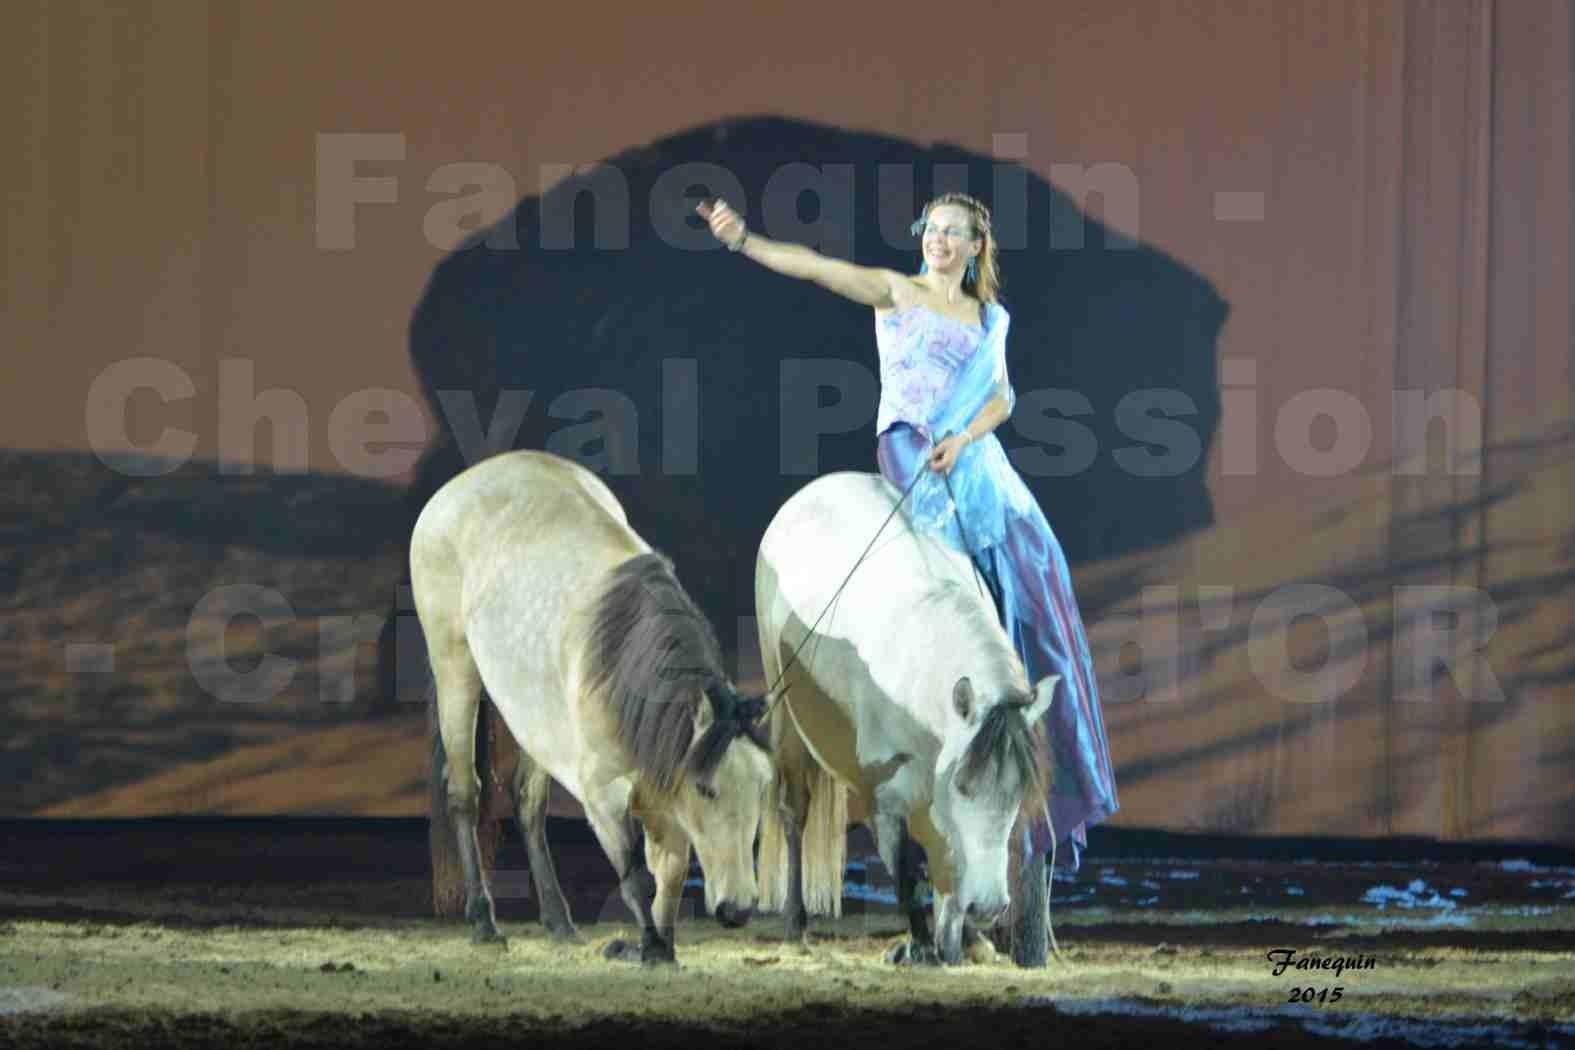 Cheval Passion 2015 - Spectacle des Crinières d'OR - Lucie VAUTHIER & 2 chevaux en liberté - 16